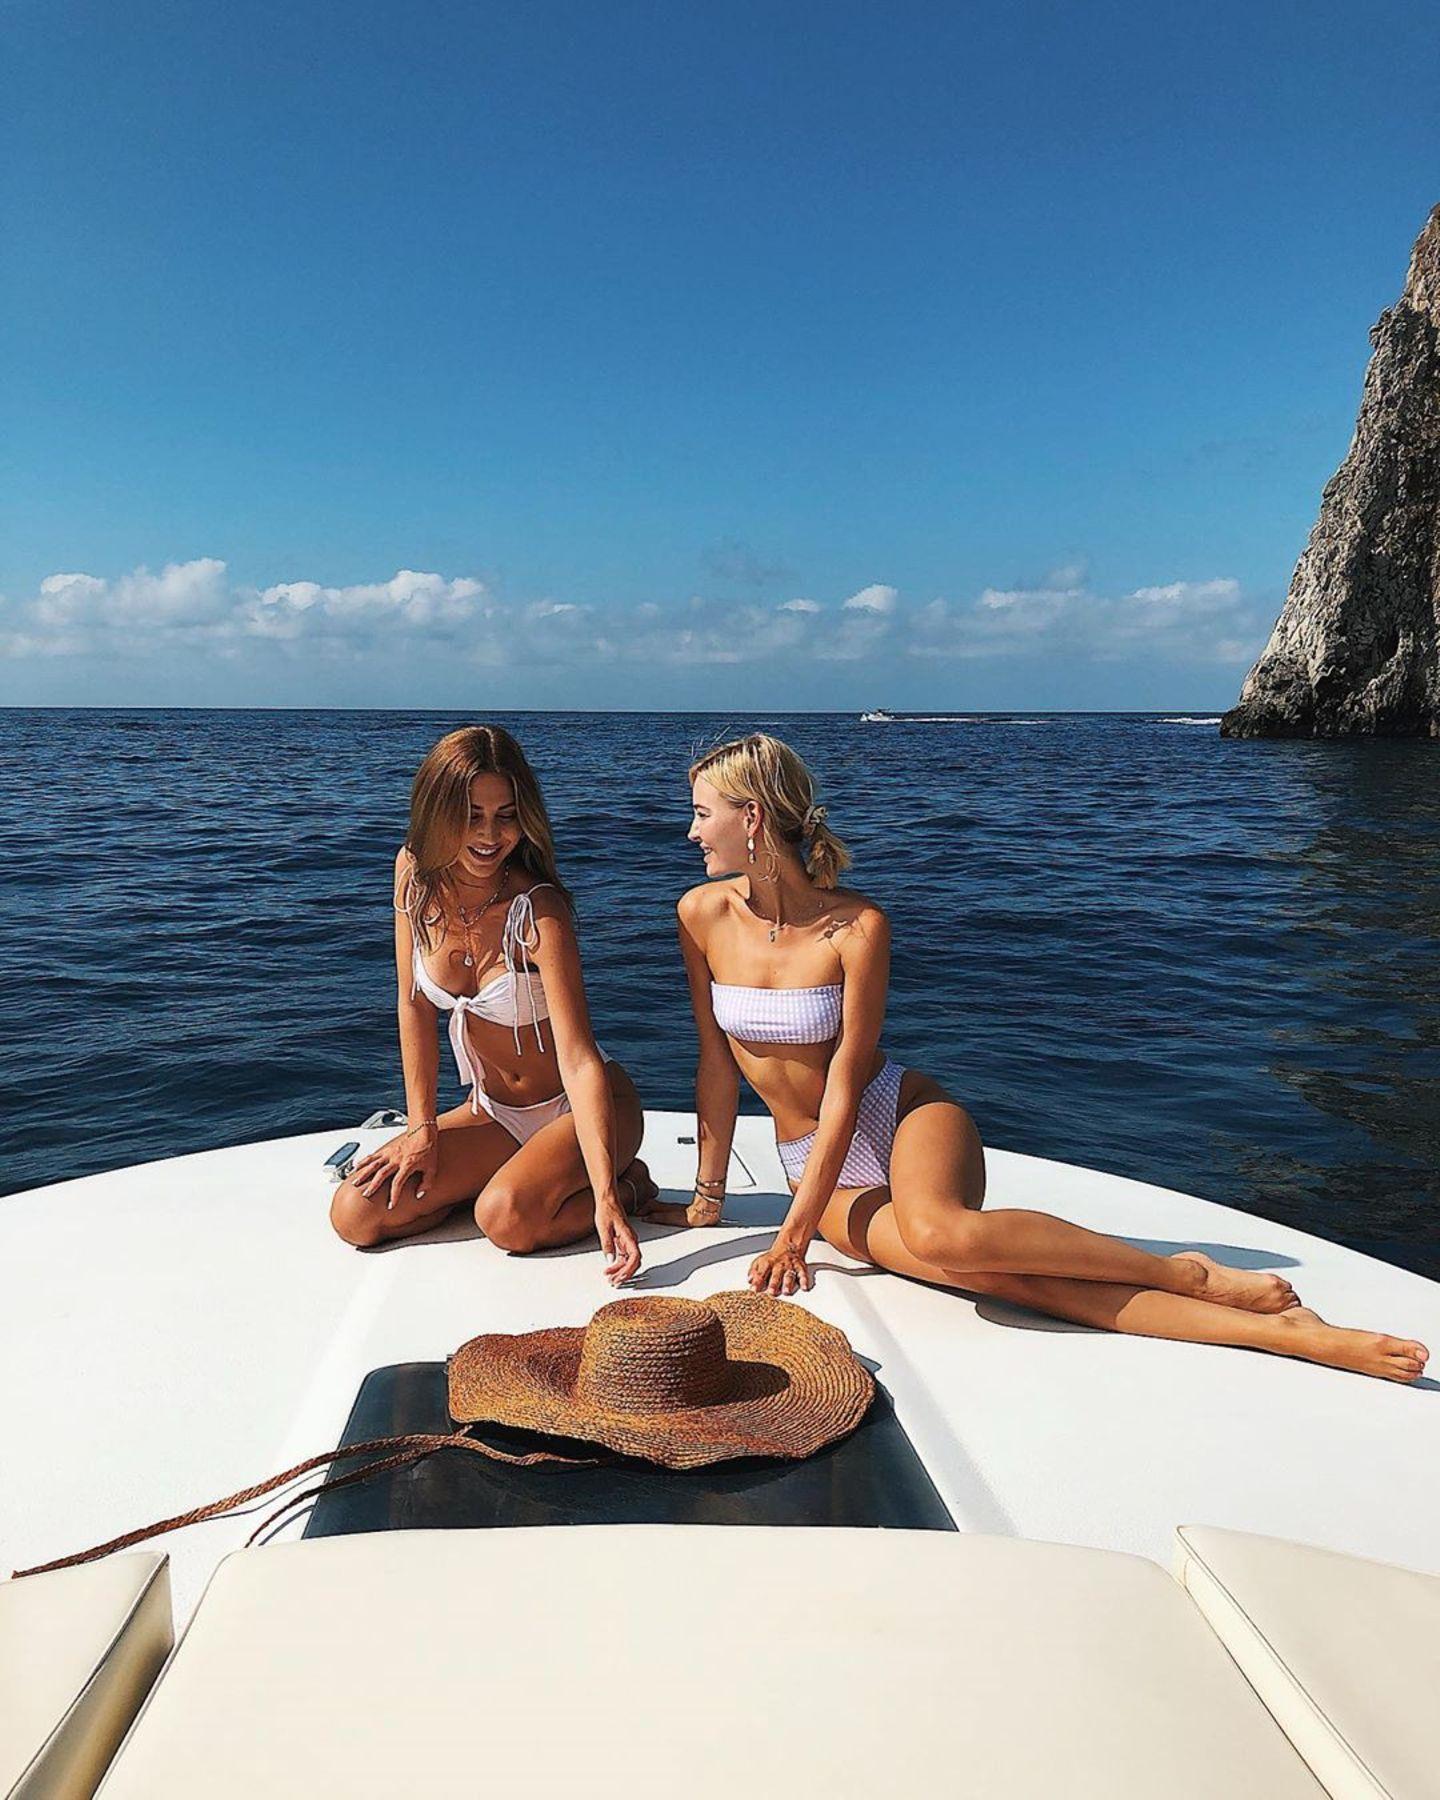 3. August 2019  Mit der besten Freundin an Bordist ein Sommerurlaub doch gleich viel schöner! Das denken sich auch Ann-Kathrin Götze und Mandy Bork. Die zwei Strand-Schönheiten genießen la Dolce Vita auf Capri und schicken ihren Fans sonnige Urlaubsgrüße per Instagram.